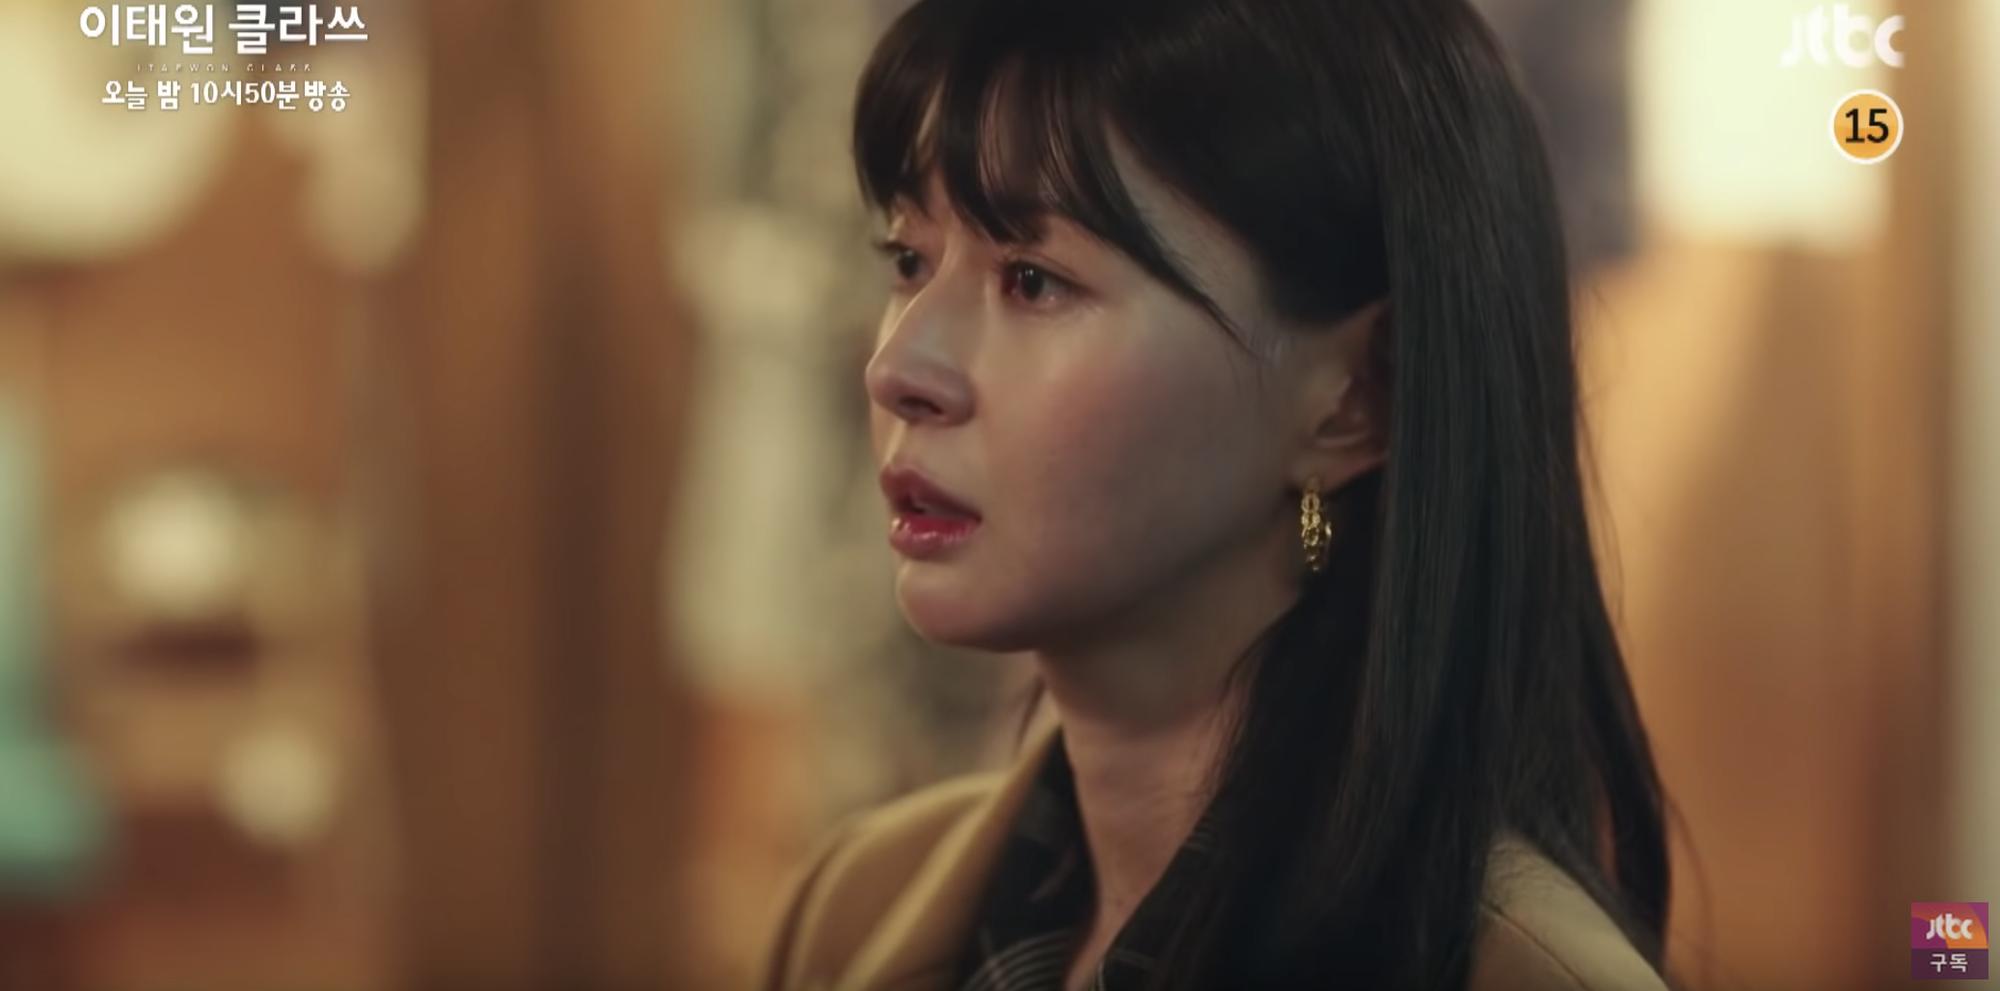 Preview Tầng Lớp Itaewon tập 6: Điên nữ nói thẳng thích Park Seo Joon, cảnh cáo sẽ huỷ hoại đời chị gái tình đầu - Ảnh 4.